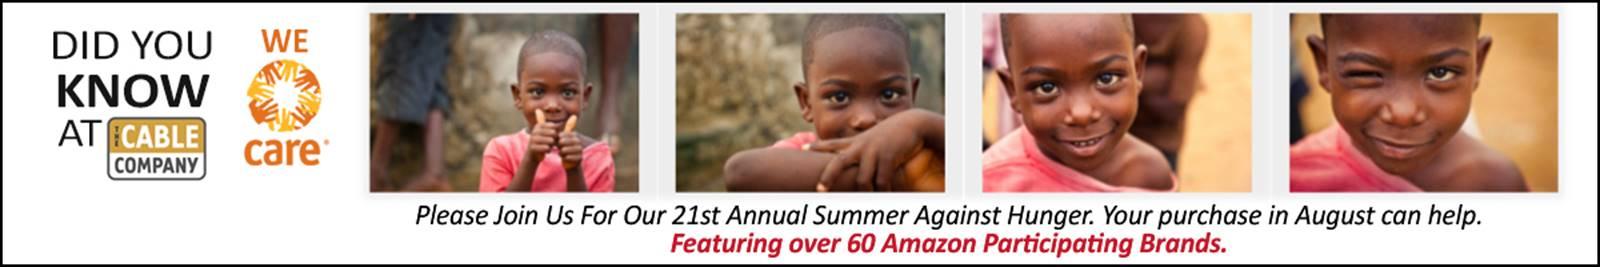 Summer Against Hunger 2016